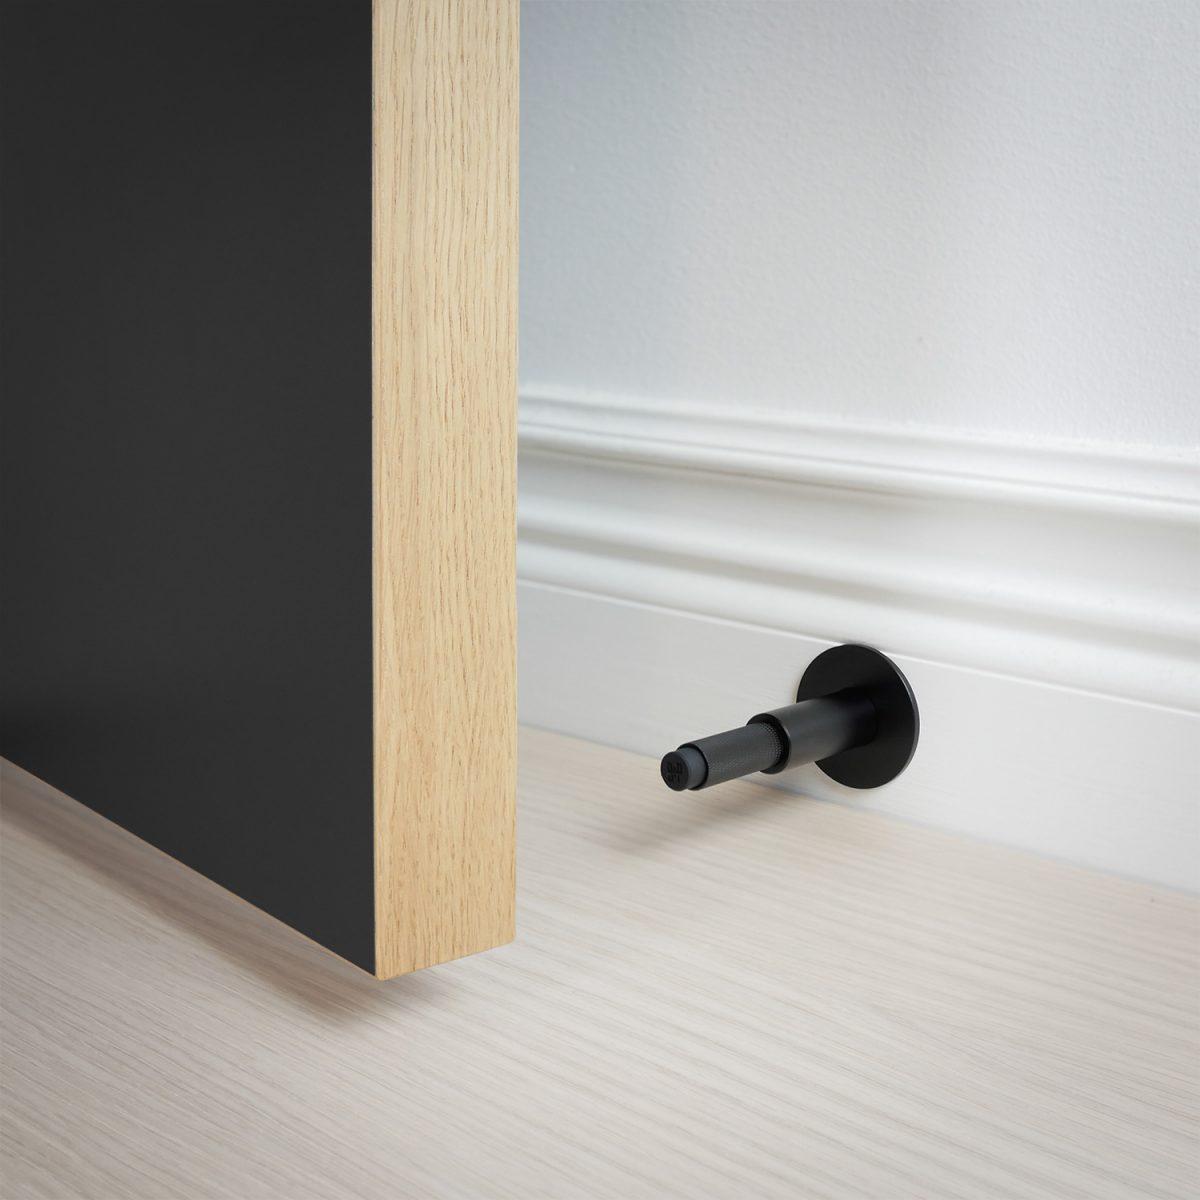 dörrstopp-vägg-dörr-svart-buster-punch-njord